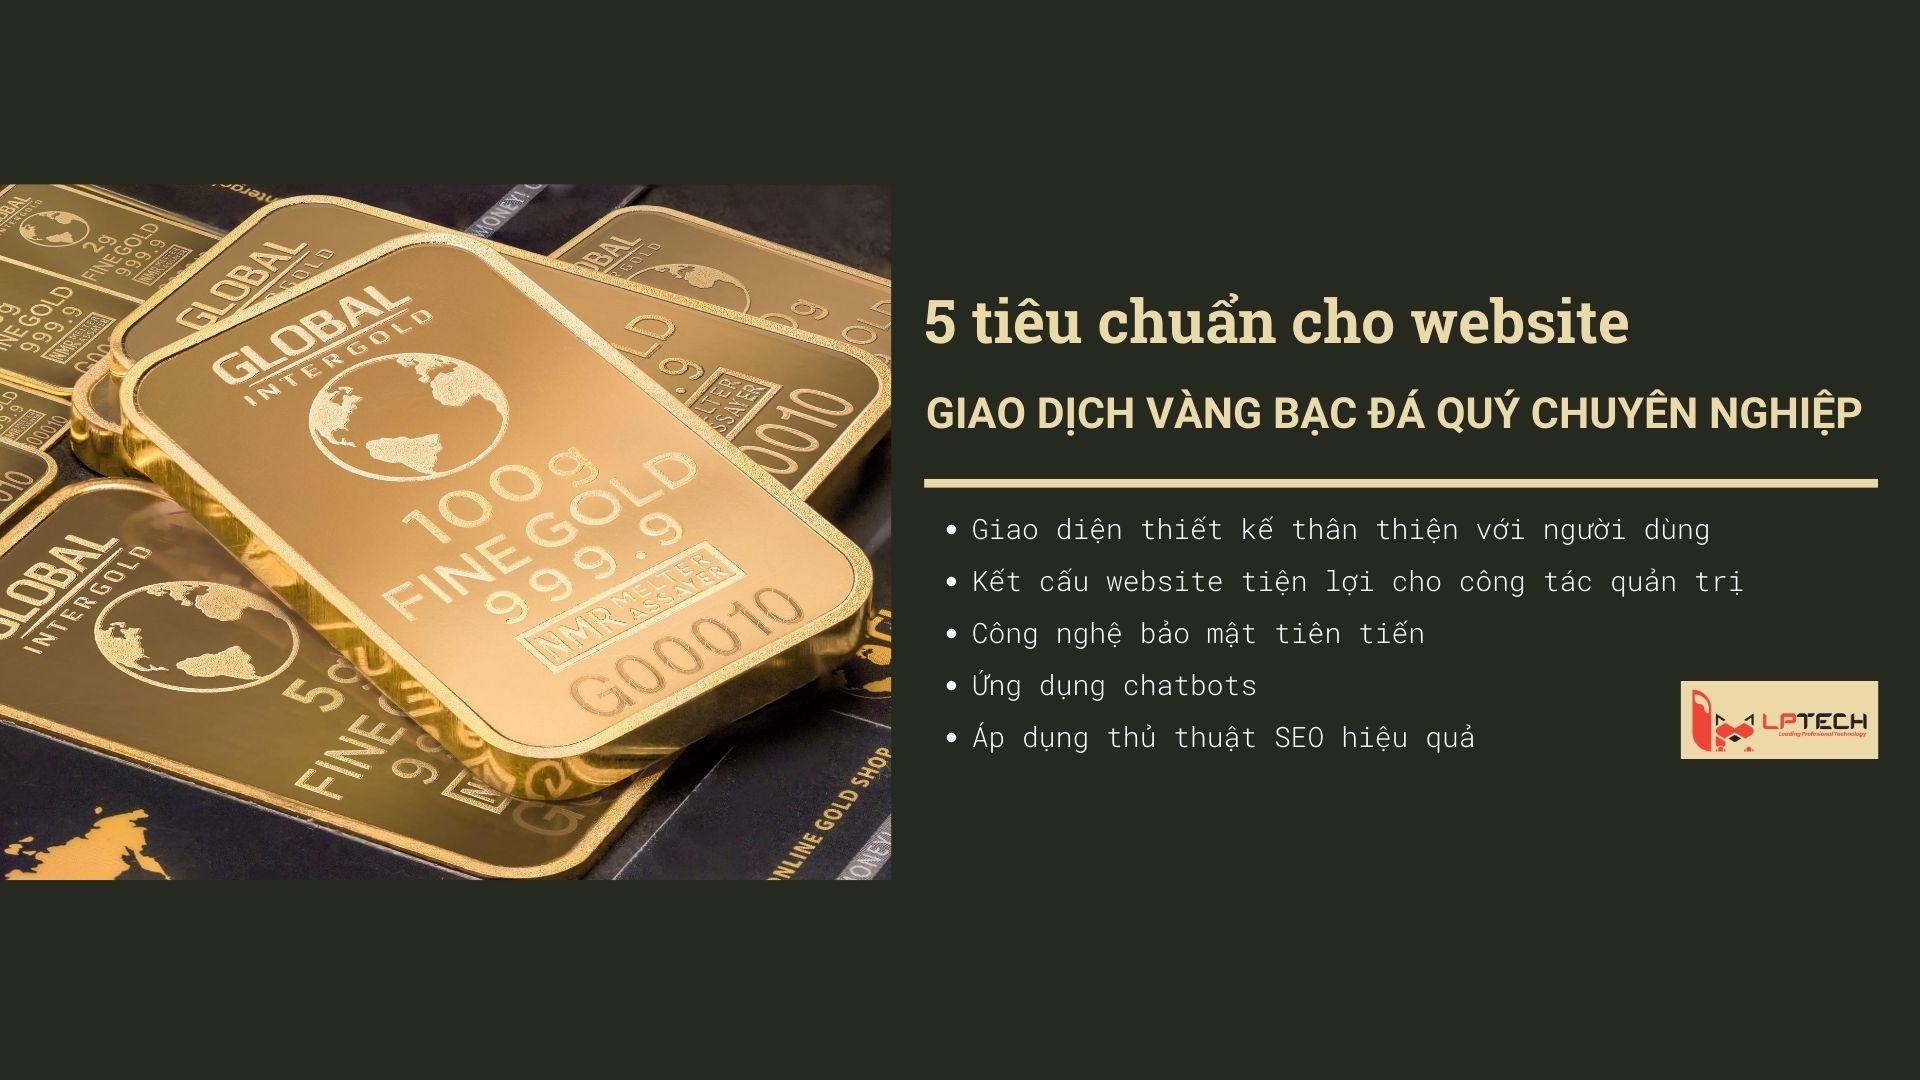 Website kinh doanh vàng bạc đá quý cần những gì?